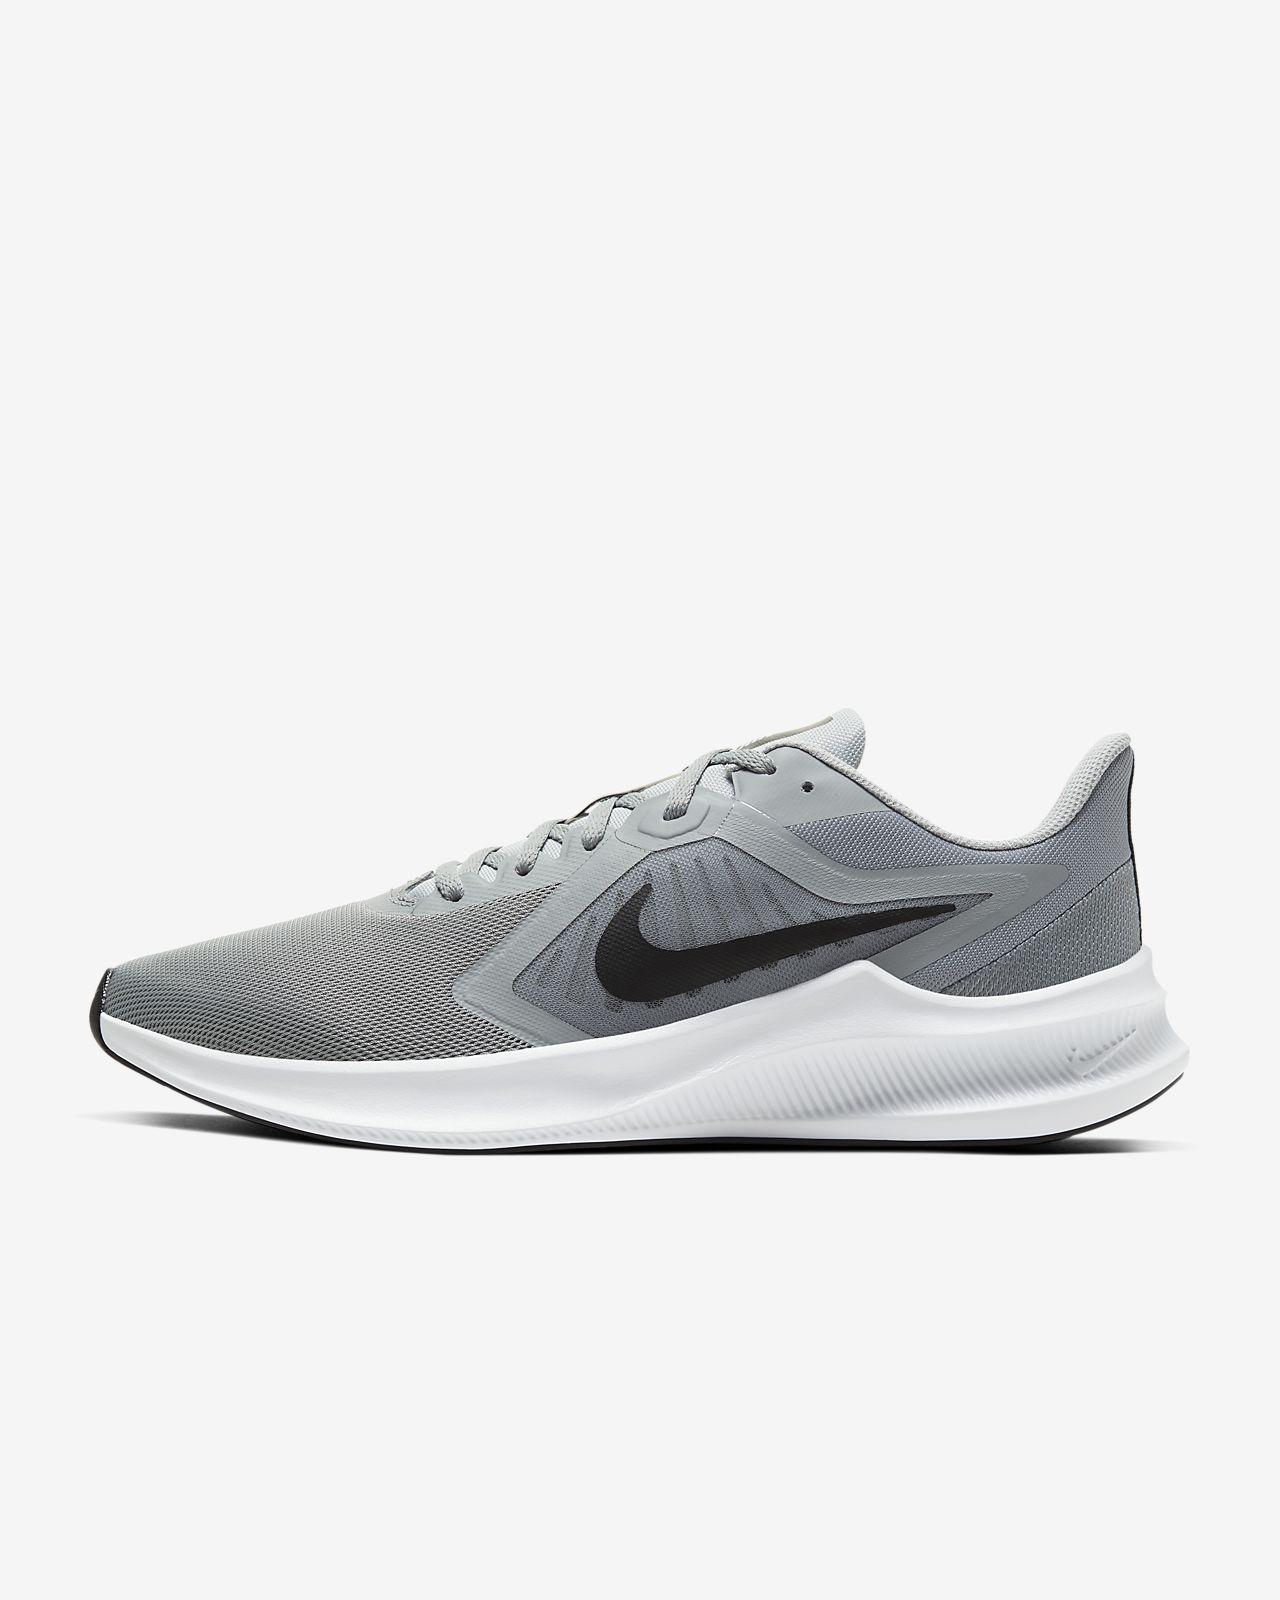 Löparsko Nike Downshifter 10 för män